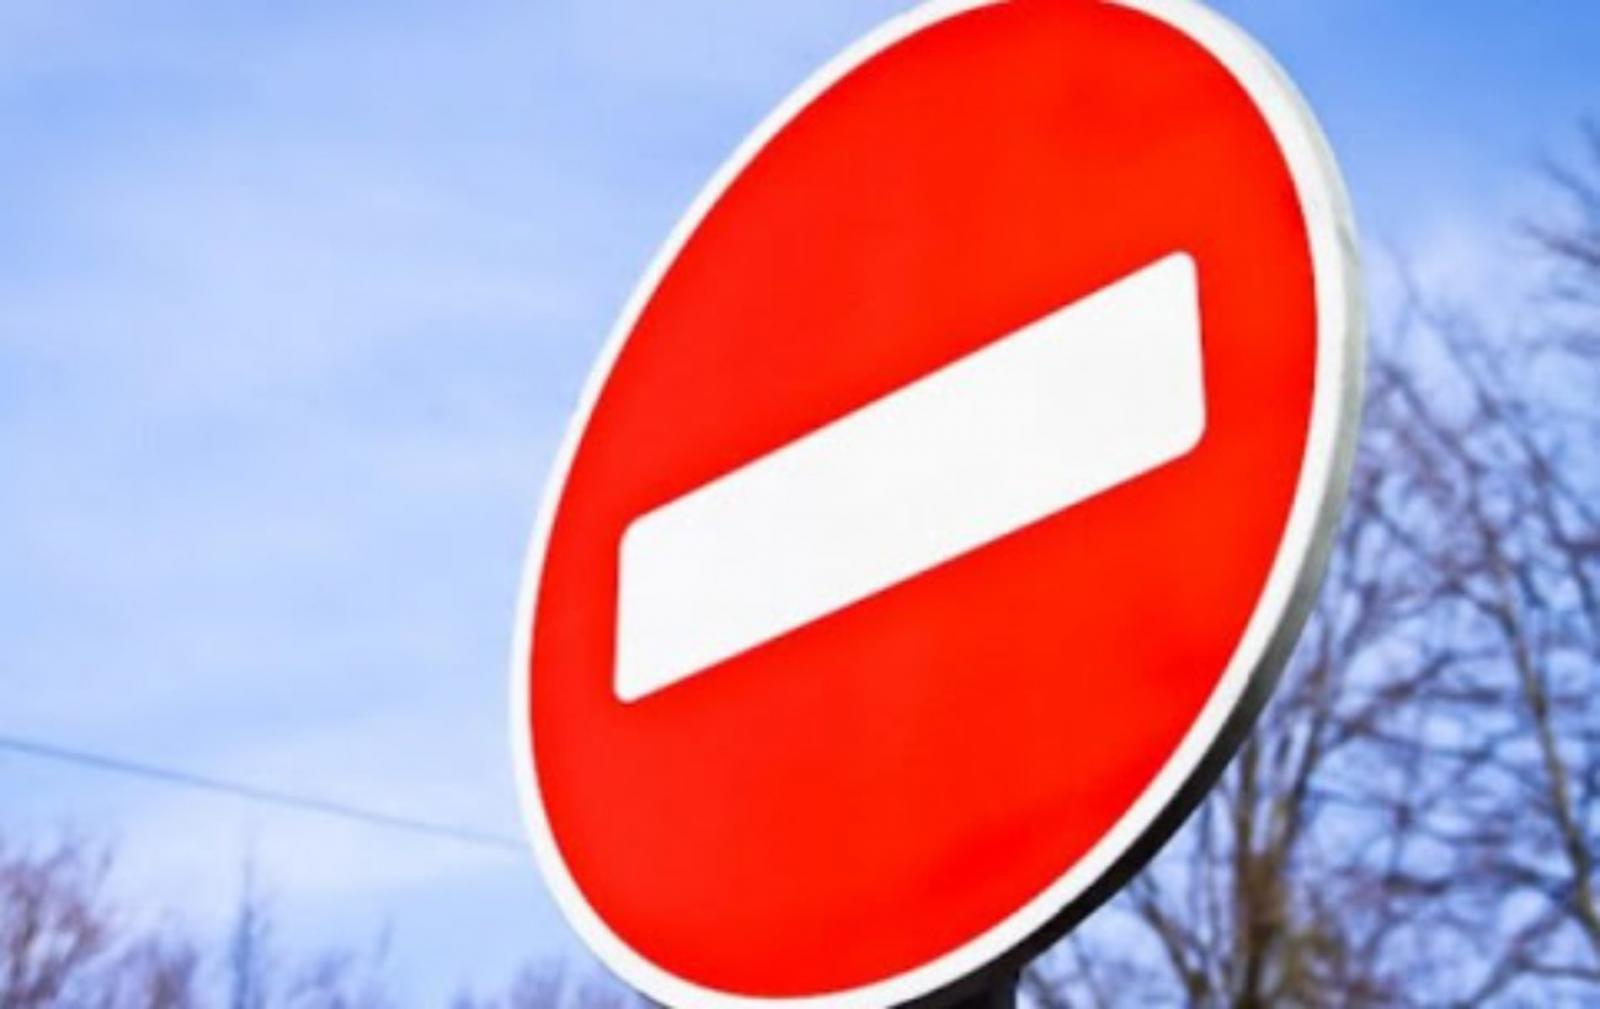 В Брянске на Радоницу ограничат движение и парковку